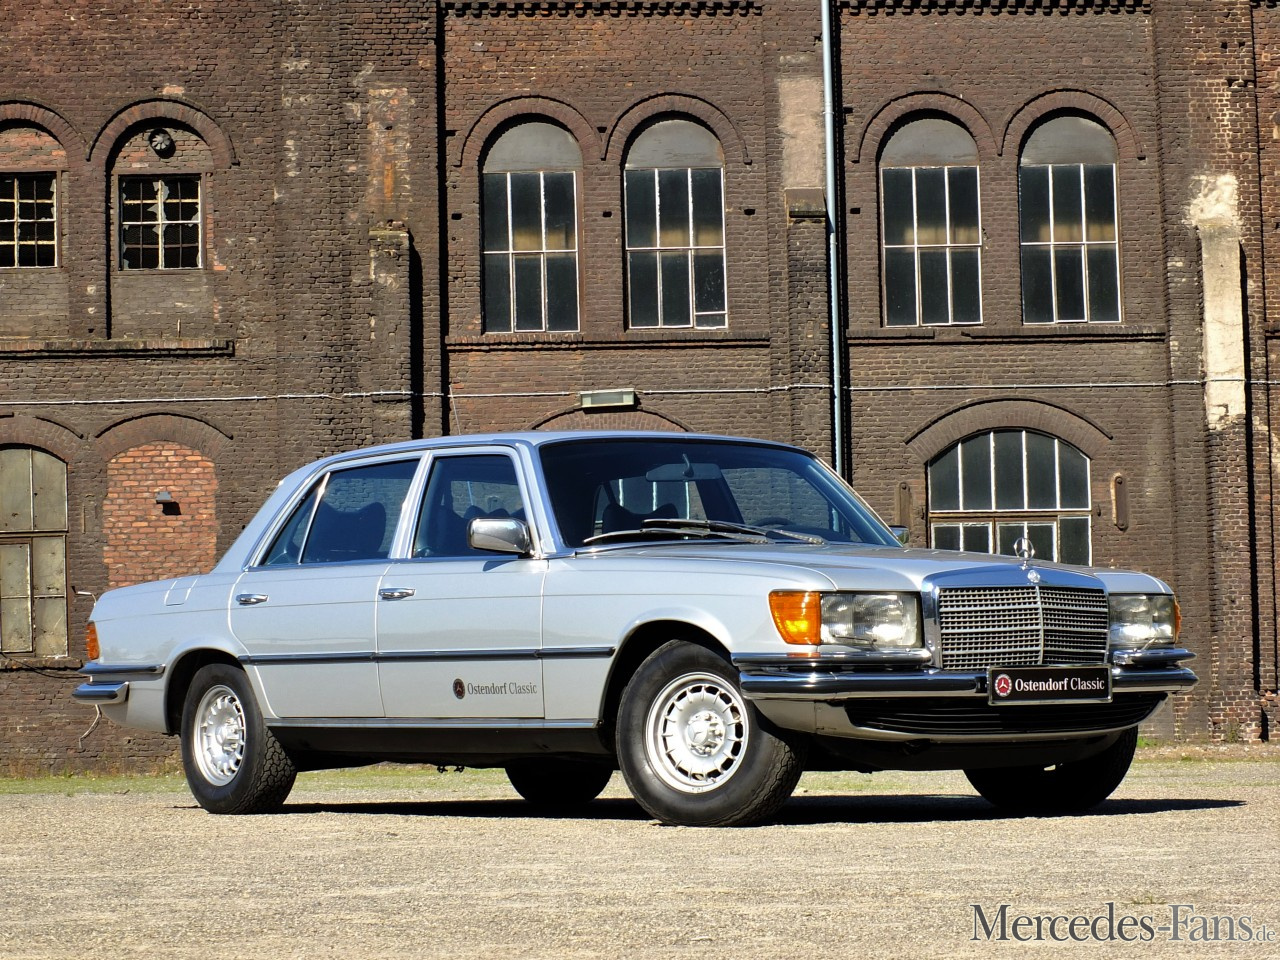 S-Klasse Lang: 1979 Mercedes-Benz 450 SEL 6.9 (V116